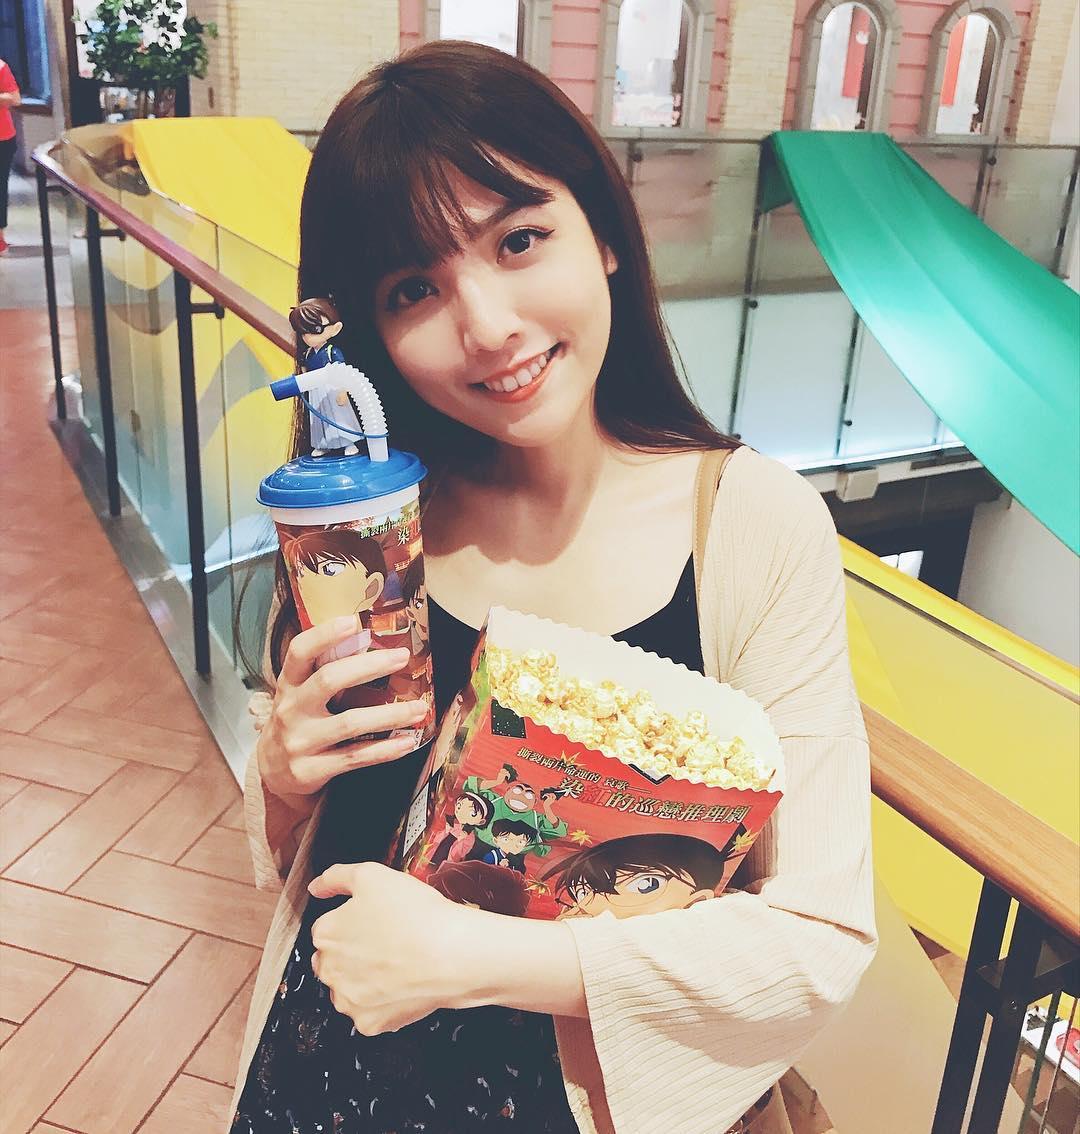 Không chỉ blogger Hàn, blogger Trung Quốc cũng toàn những cô nàng vừa xinh vừa giỏi - Ảnh 23.